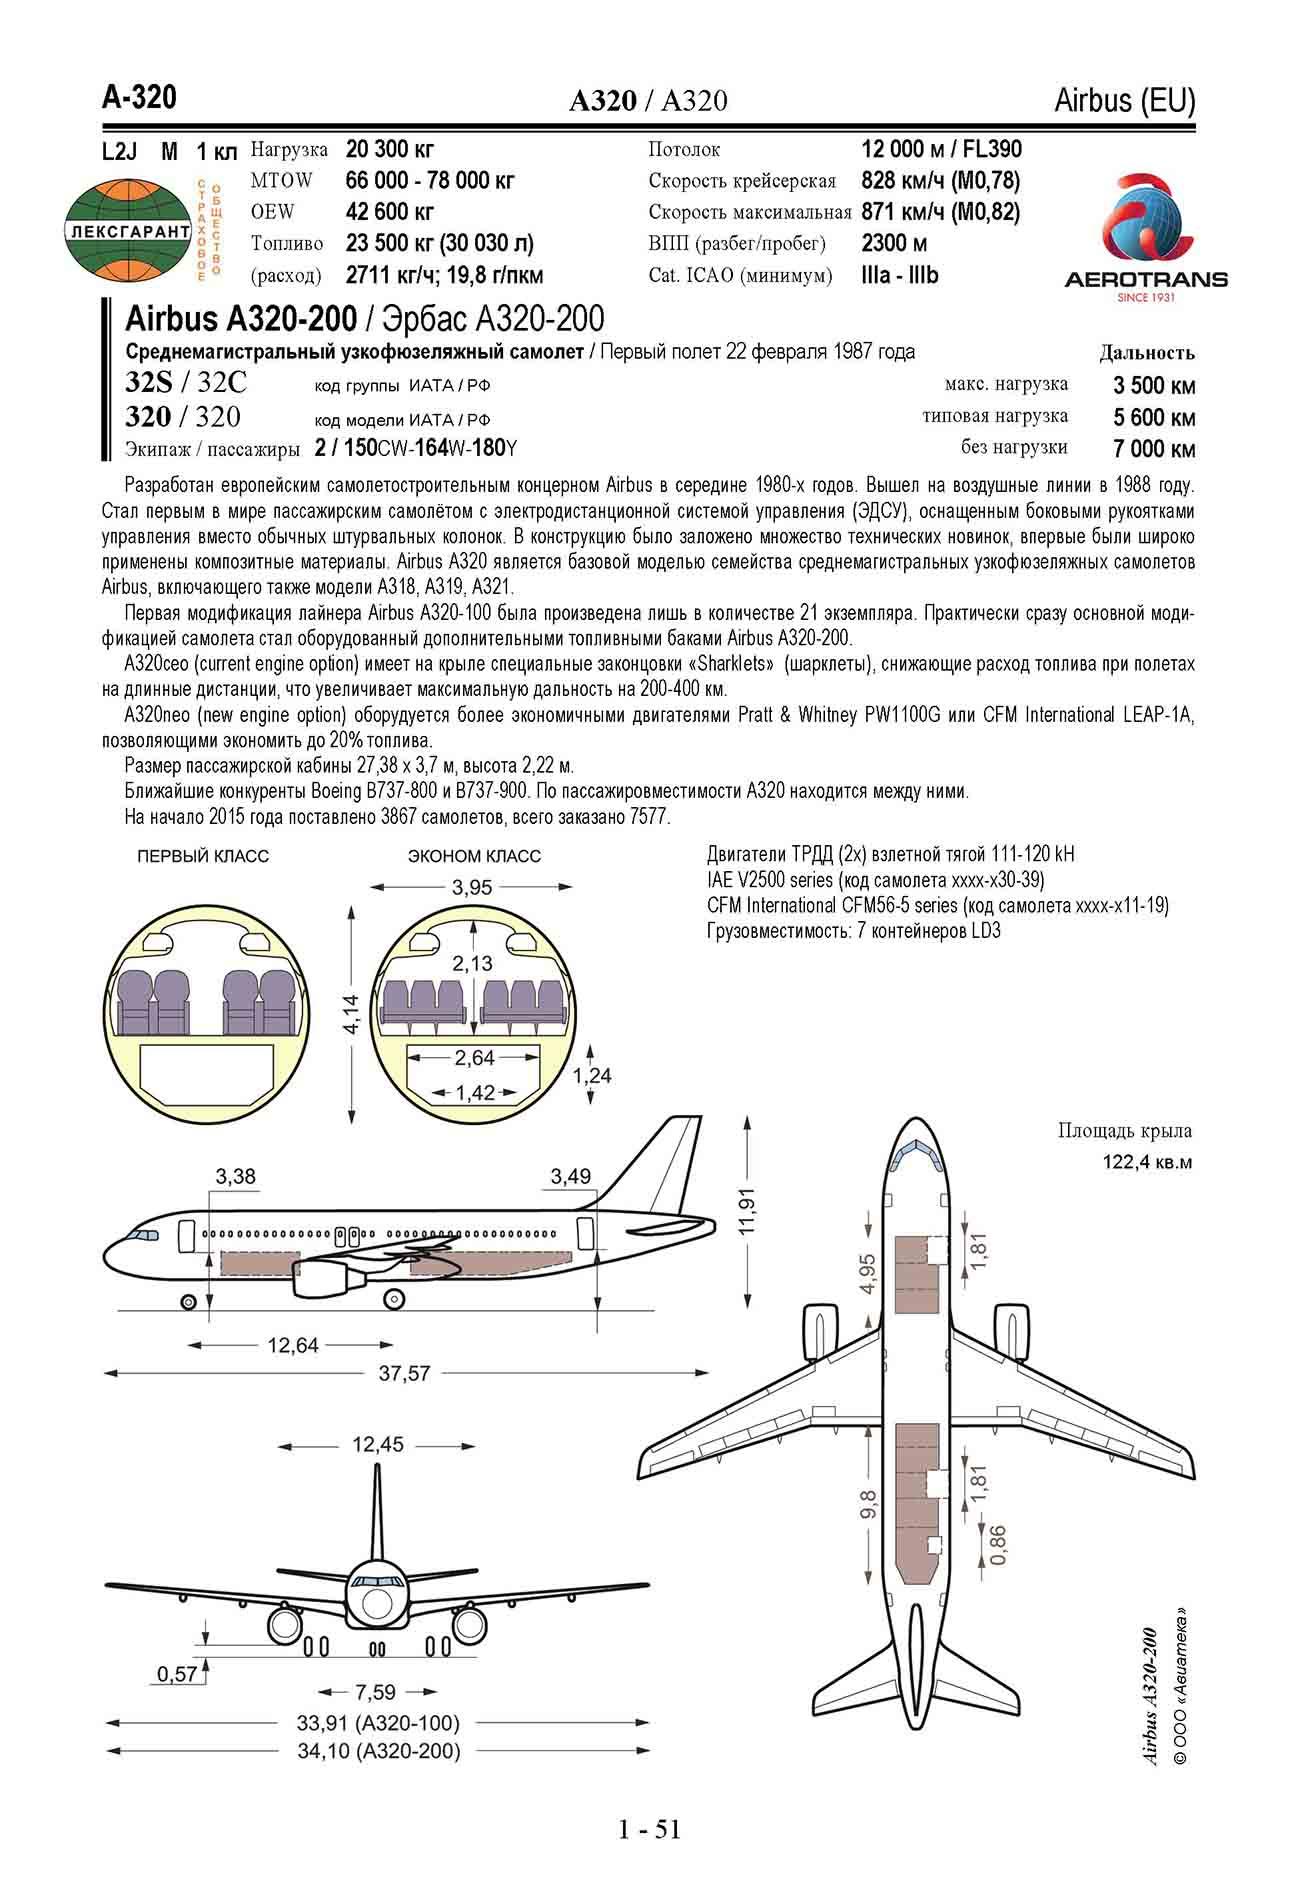 Airbus A320-200 / Эрбас A320-200